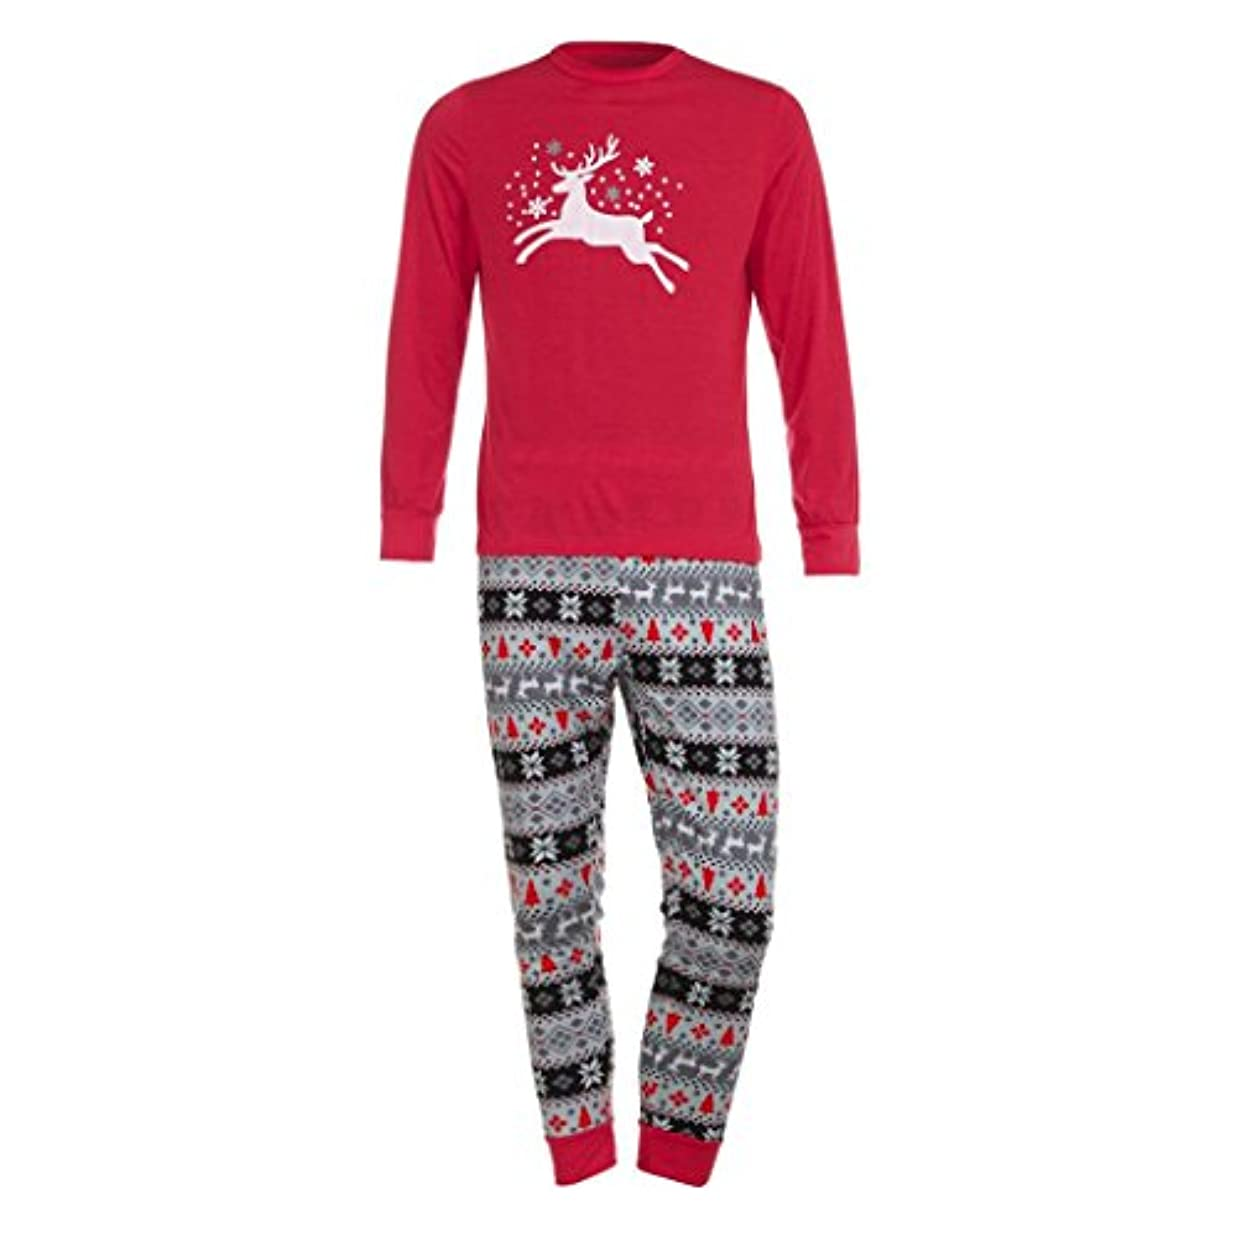 単なる写真の違反するファミリMatchingパジャマセットクリスマス鹿Tシャツトップスブラウスパンツfor the Family (メンズ) L グレイ TZZ70703662